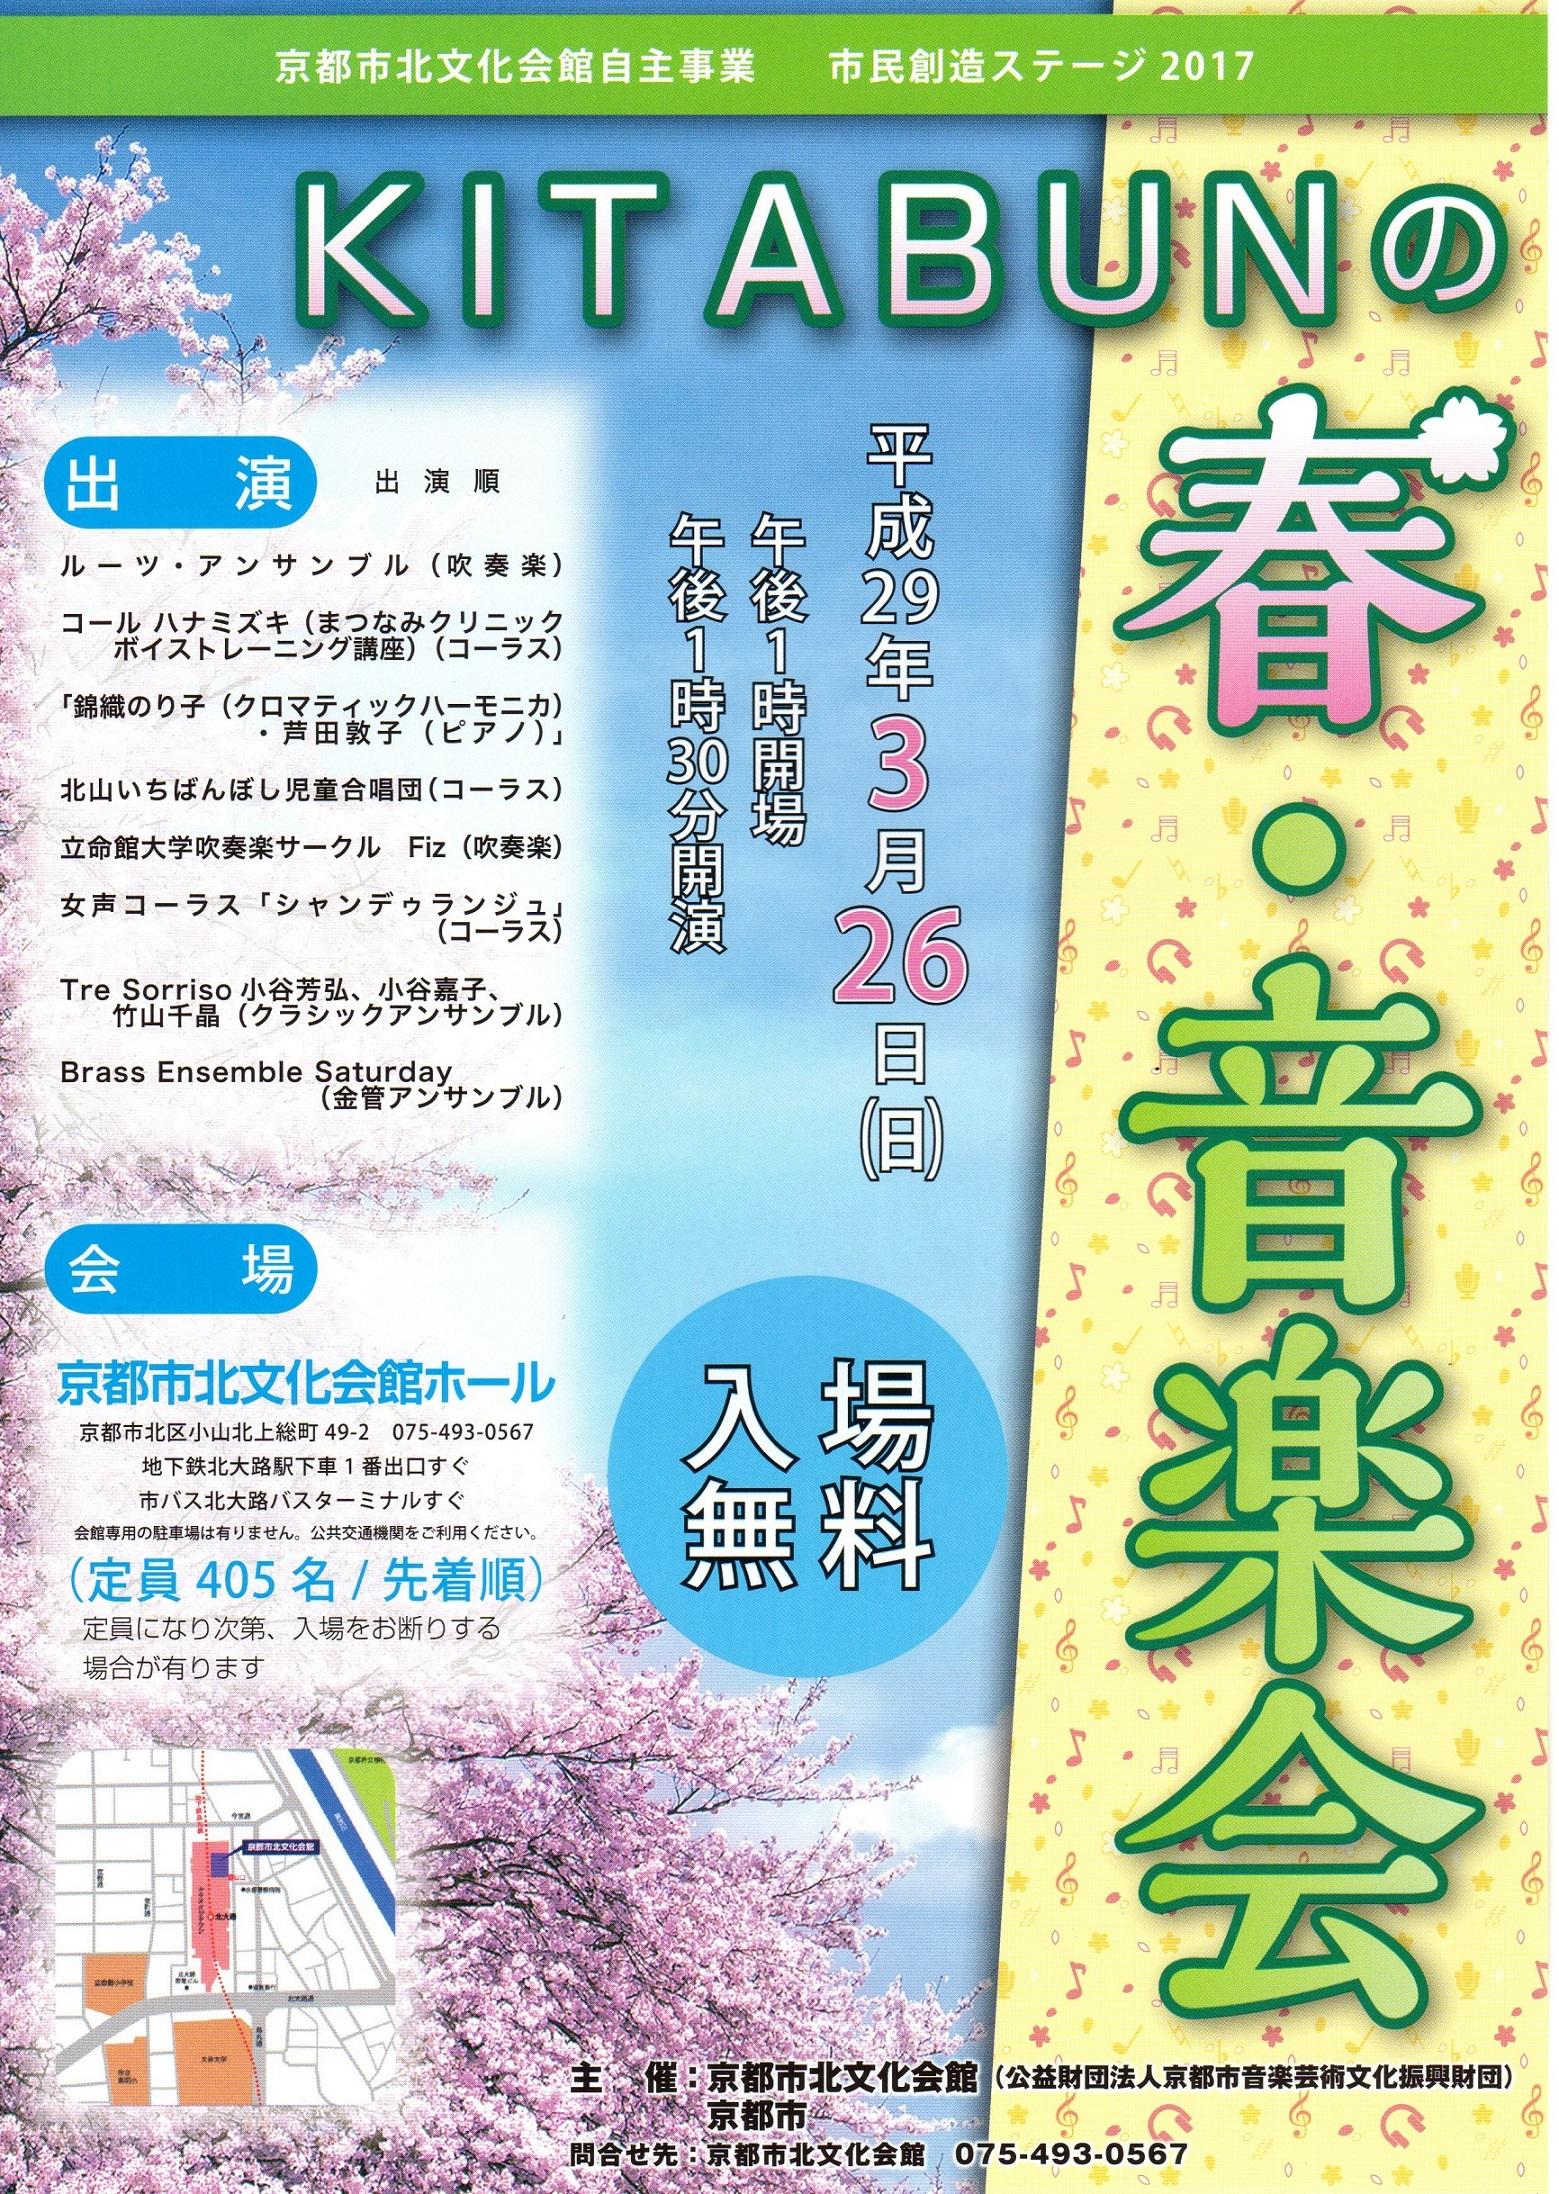 3/26(日)KITABUNの春・音楽会 チラシ